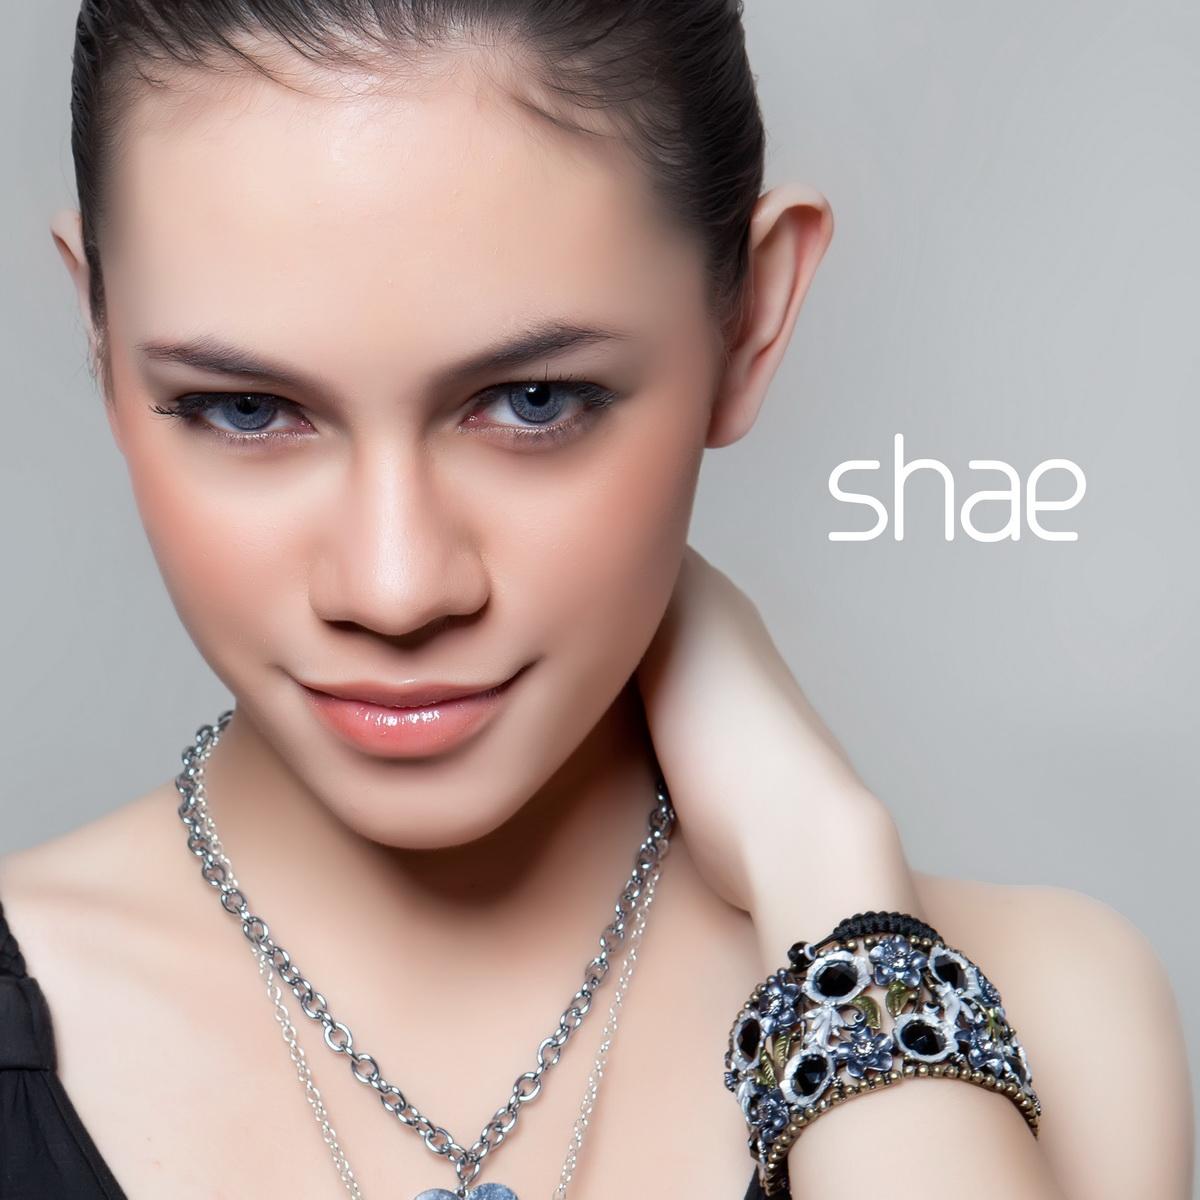 Shae (singer)